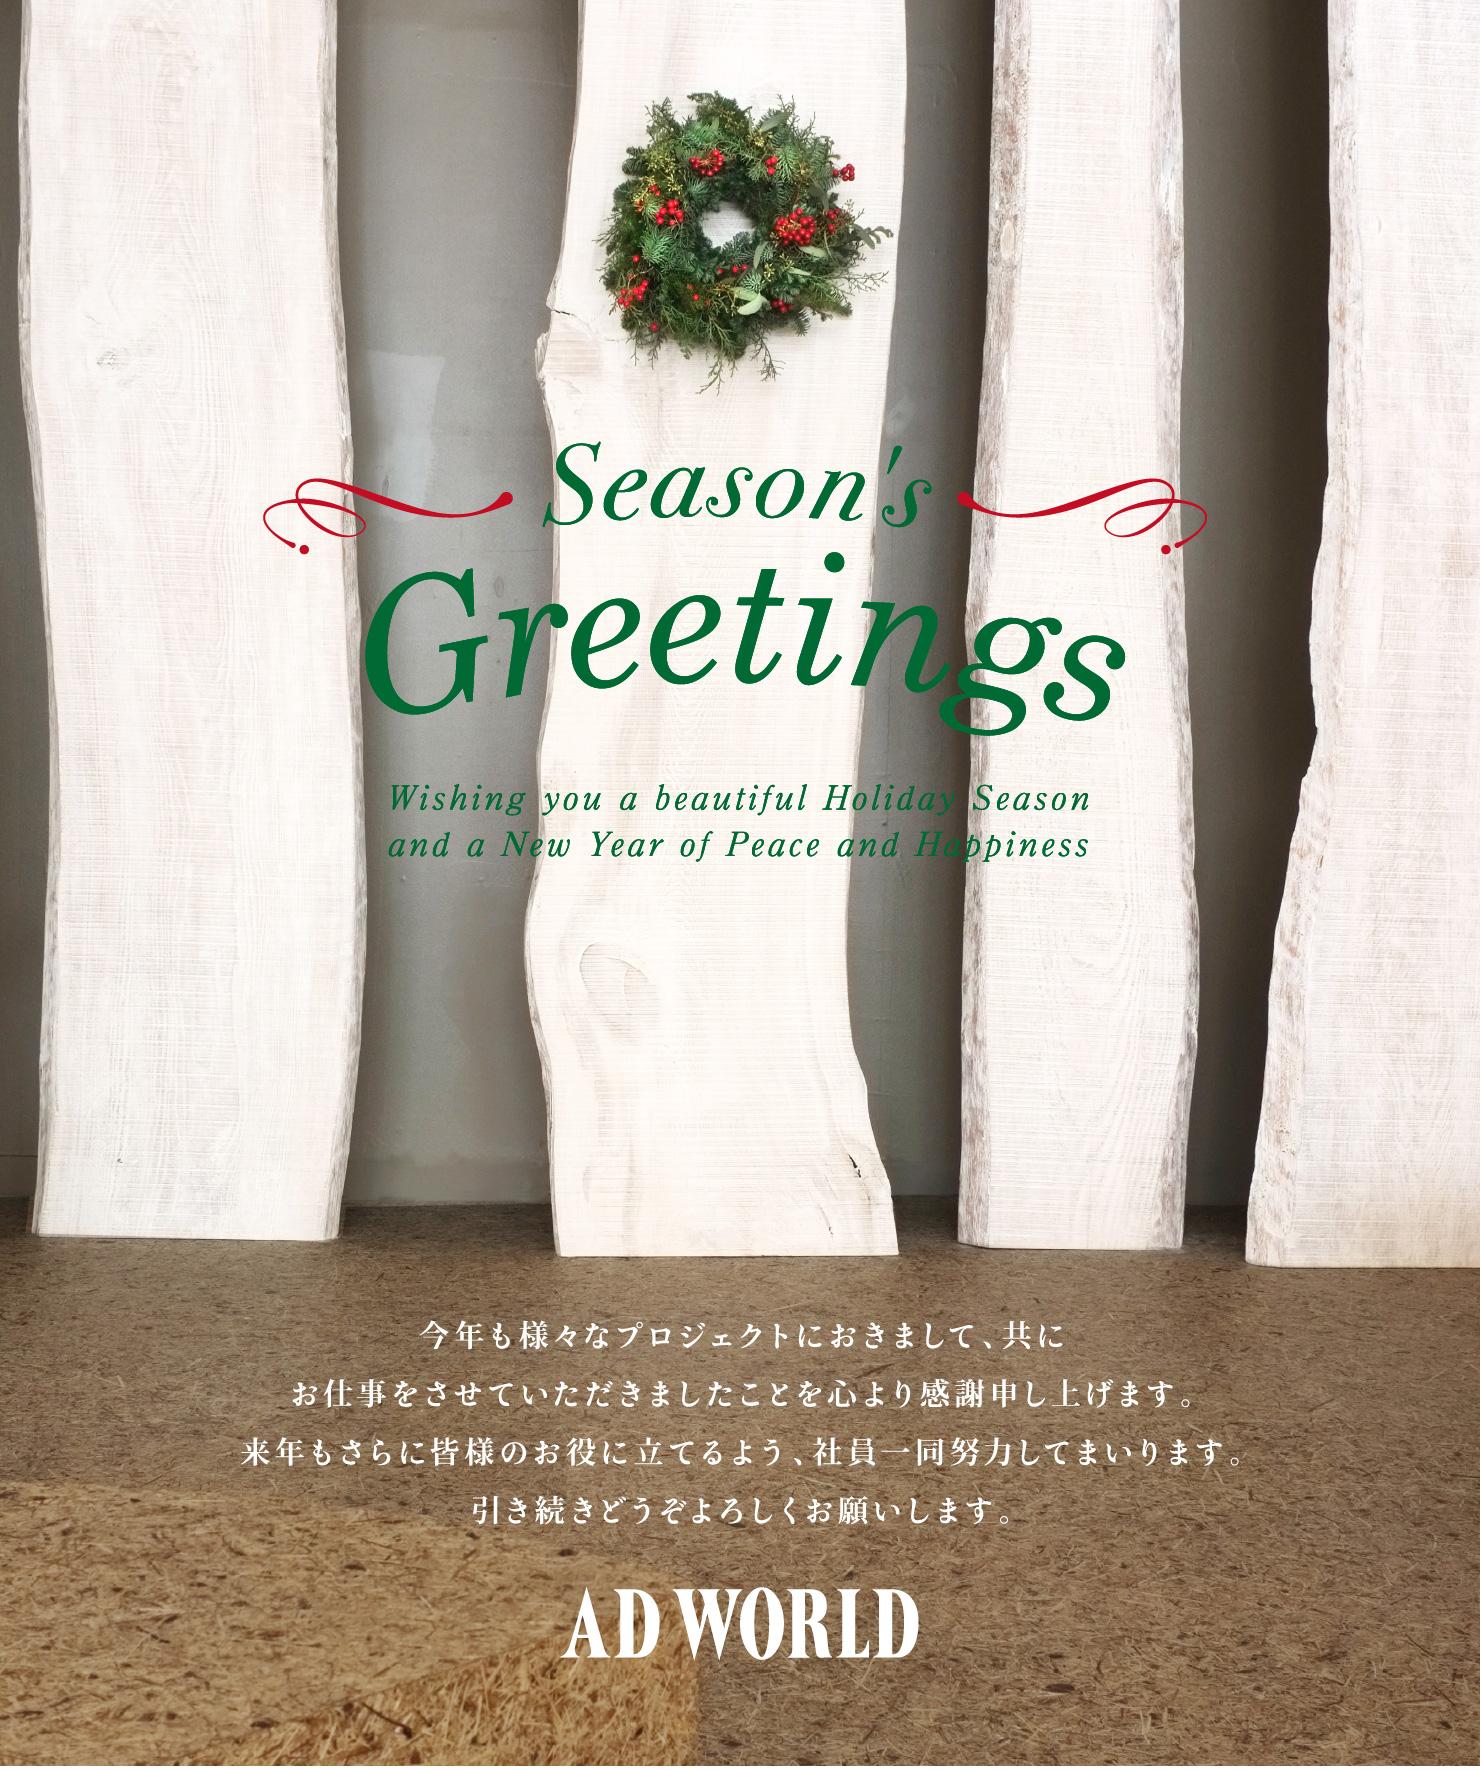 Season's Greetings 今年も様々なプロジェクトにおきまして、共にお仕事をさせていただきましたことを心より感謝申し上げます。来年もさらに皆様のお役に立てるよう、社員一同努力してまいります。引き続きどうぞよろしくお願いします。